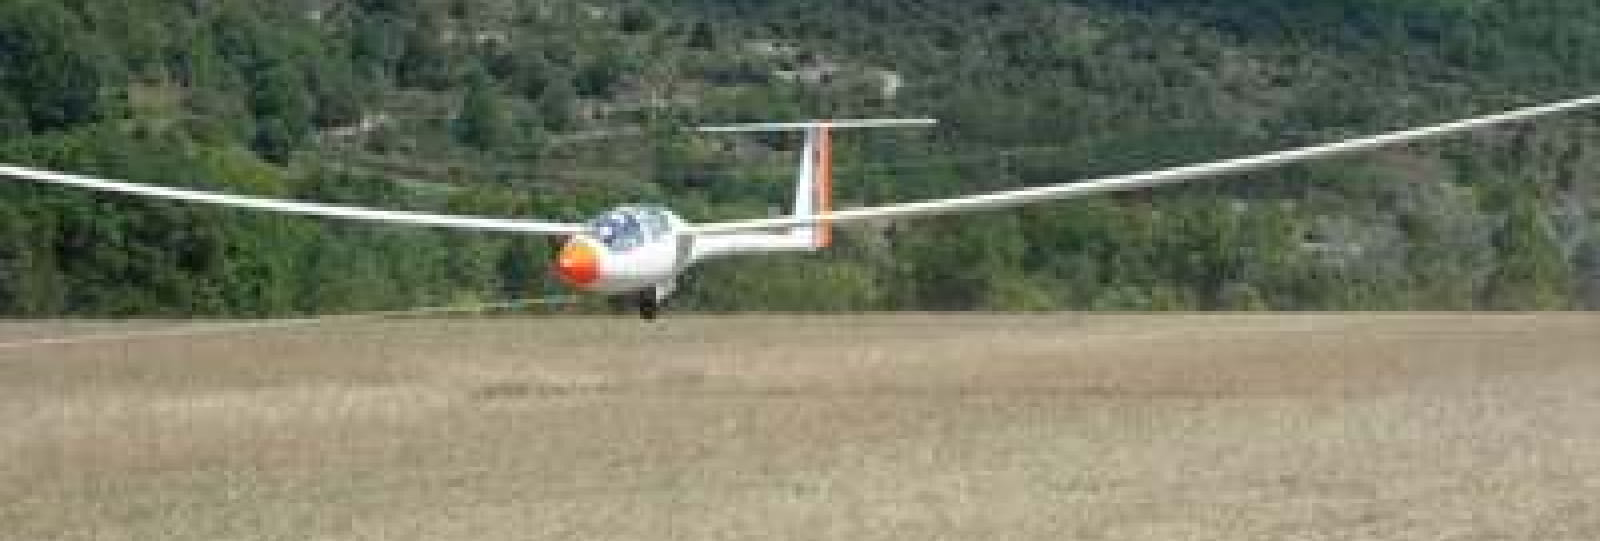 Vol en planeur avec l'association aéronautique de Rochecourbe